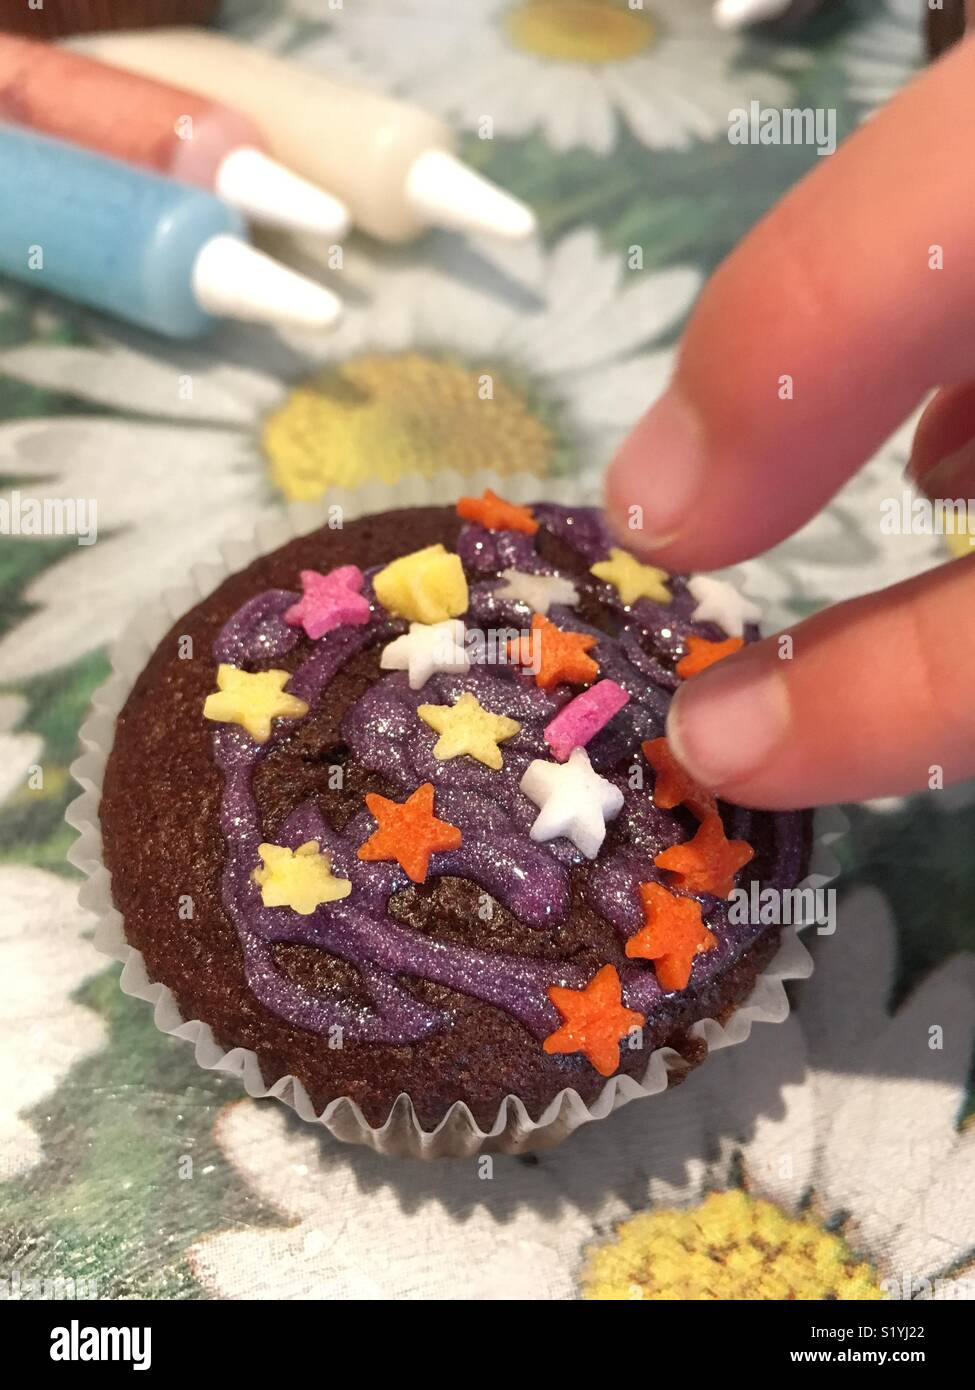 Ein Junges Madchen Finger Dekorieren Eine Tasse Schokolade Kuchen